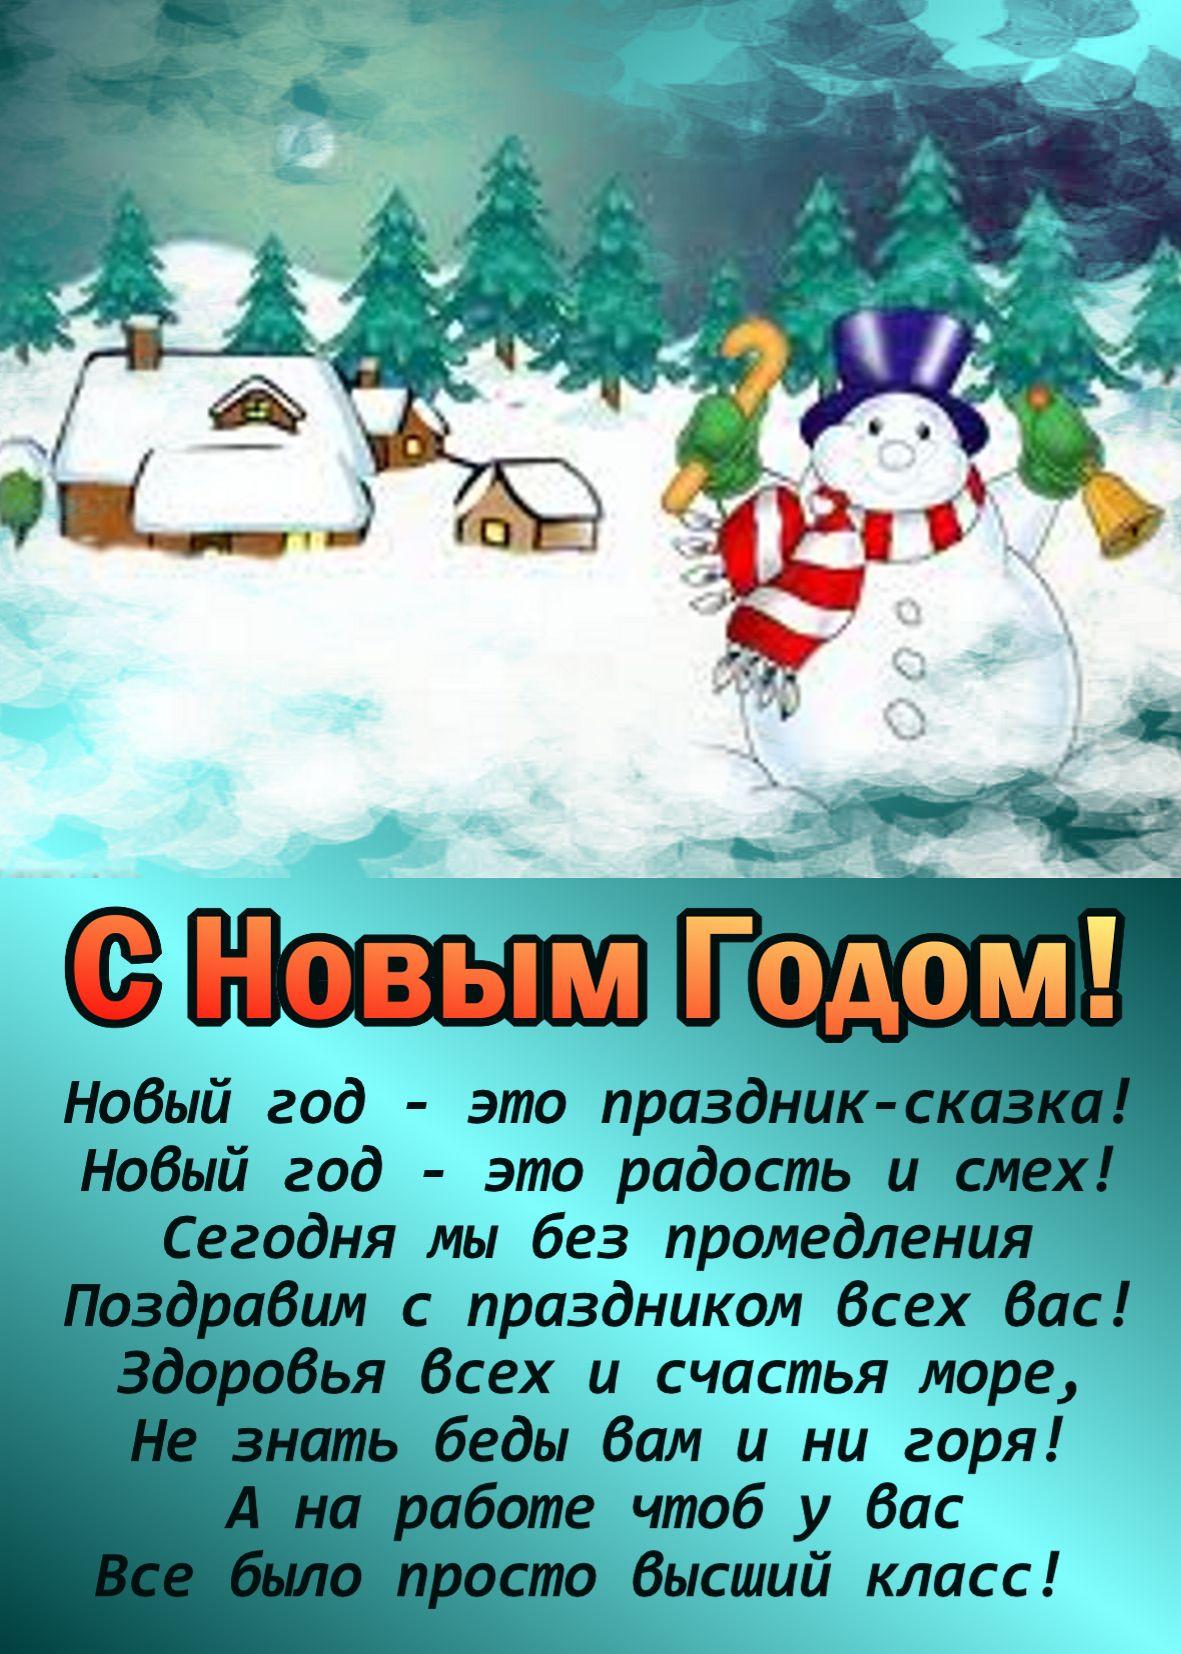 Поздравление для ребёнка от снеговика